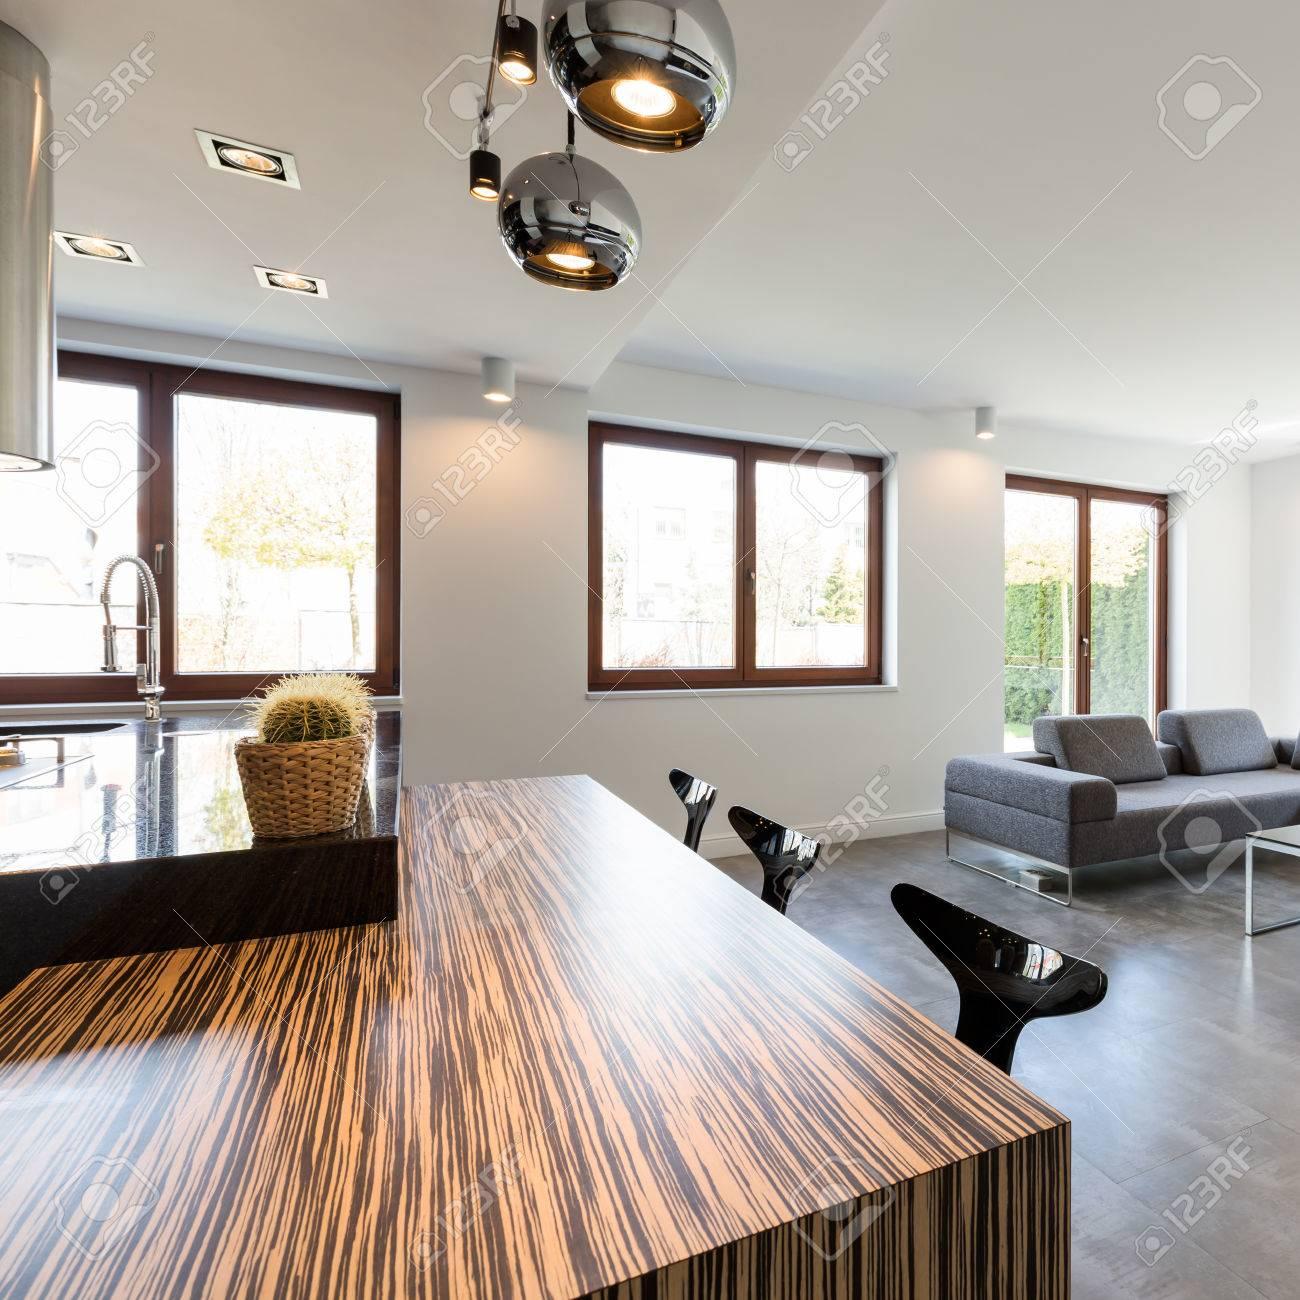 Salle à Manger Ouverte Et Salon Dans Un Style Scandinave Avec îlot ...